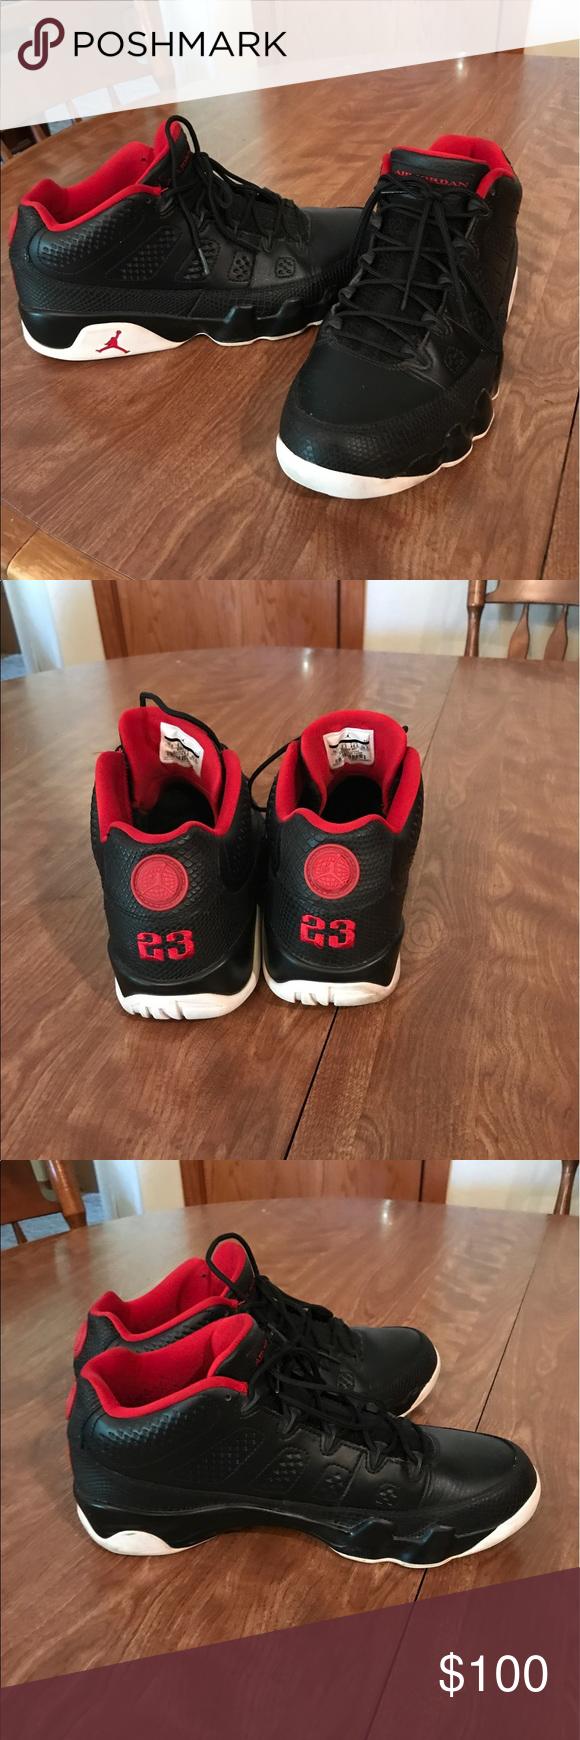 mens jordans shoes 10.5